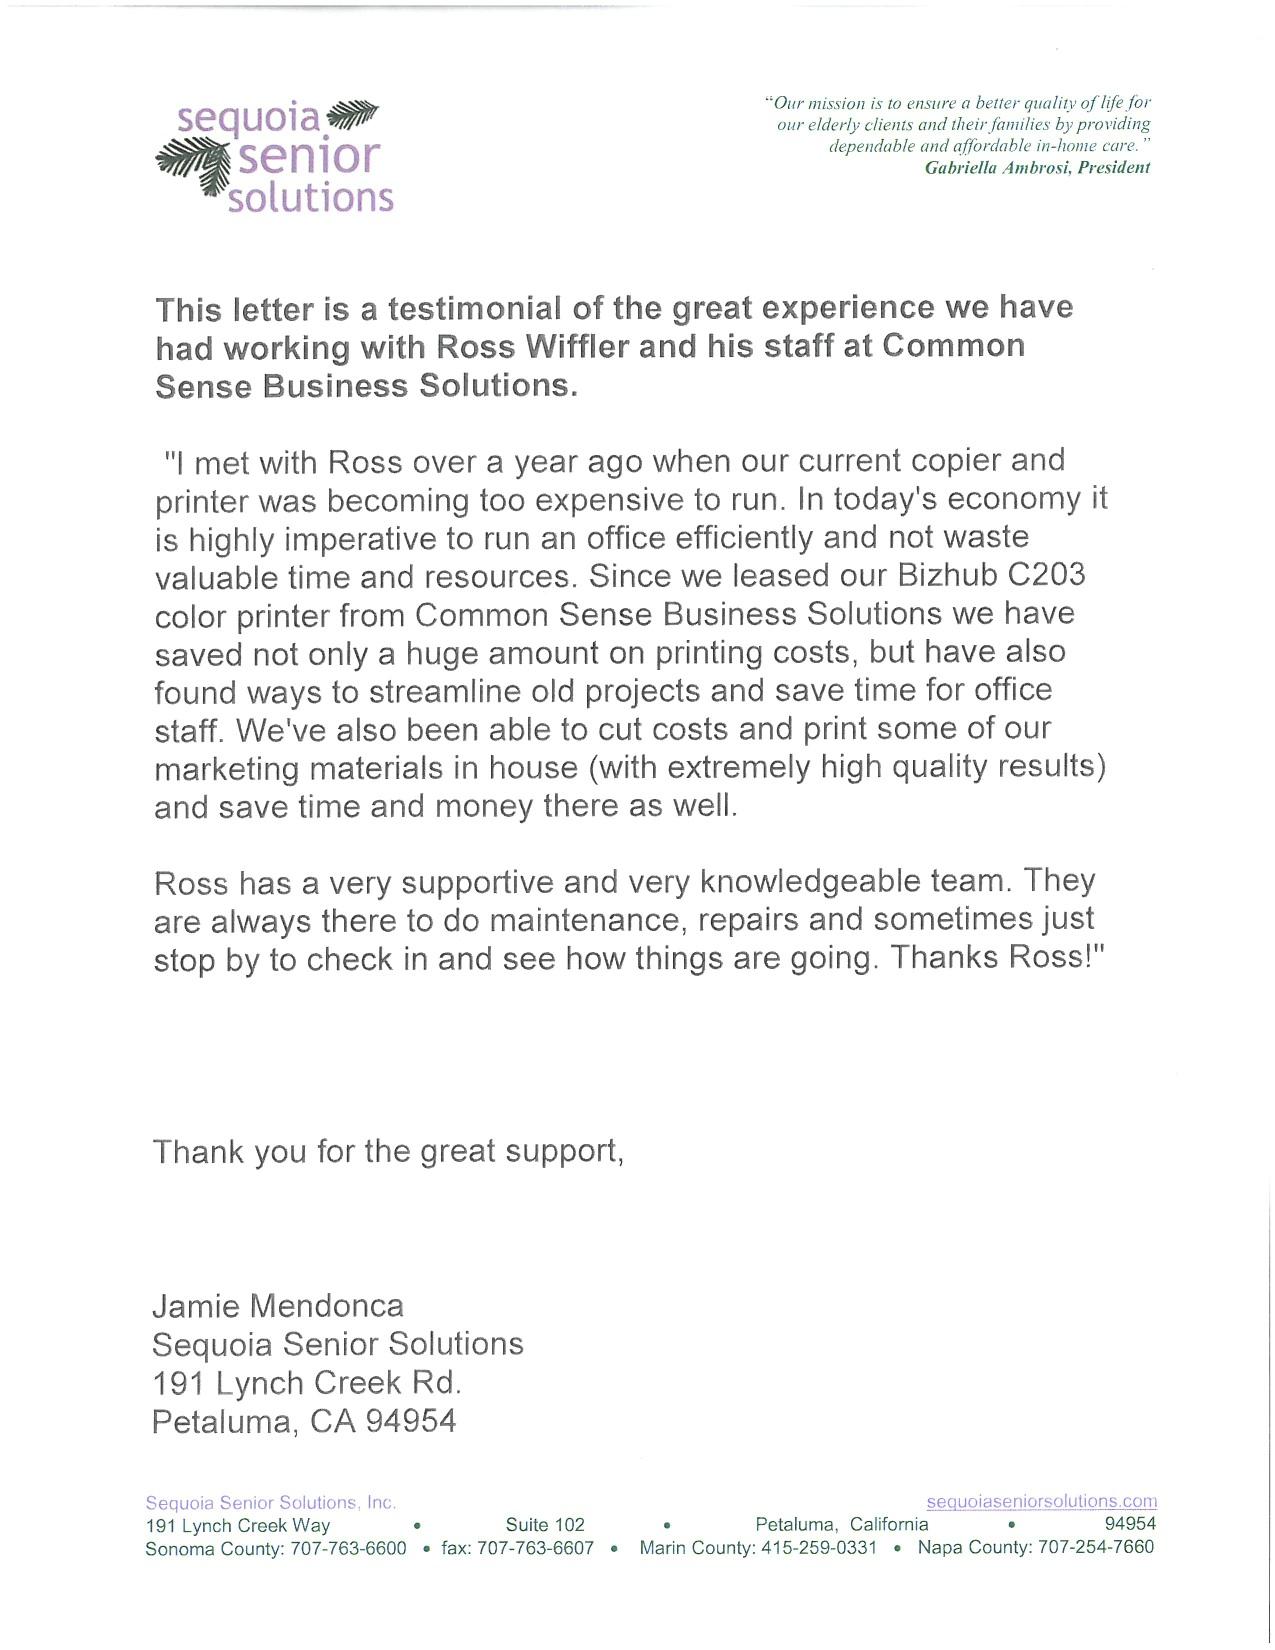 sequoia senior solutions testimonial letter